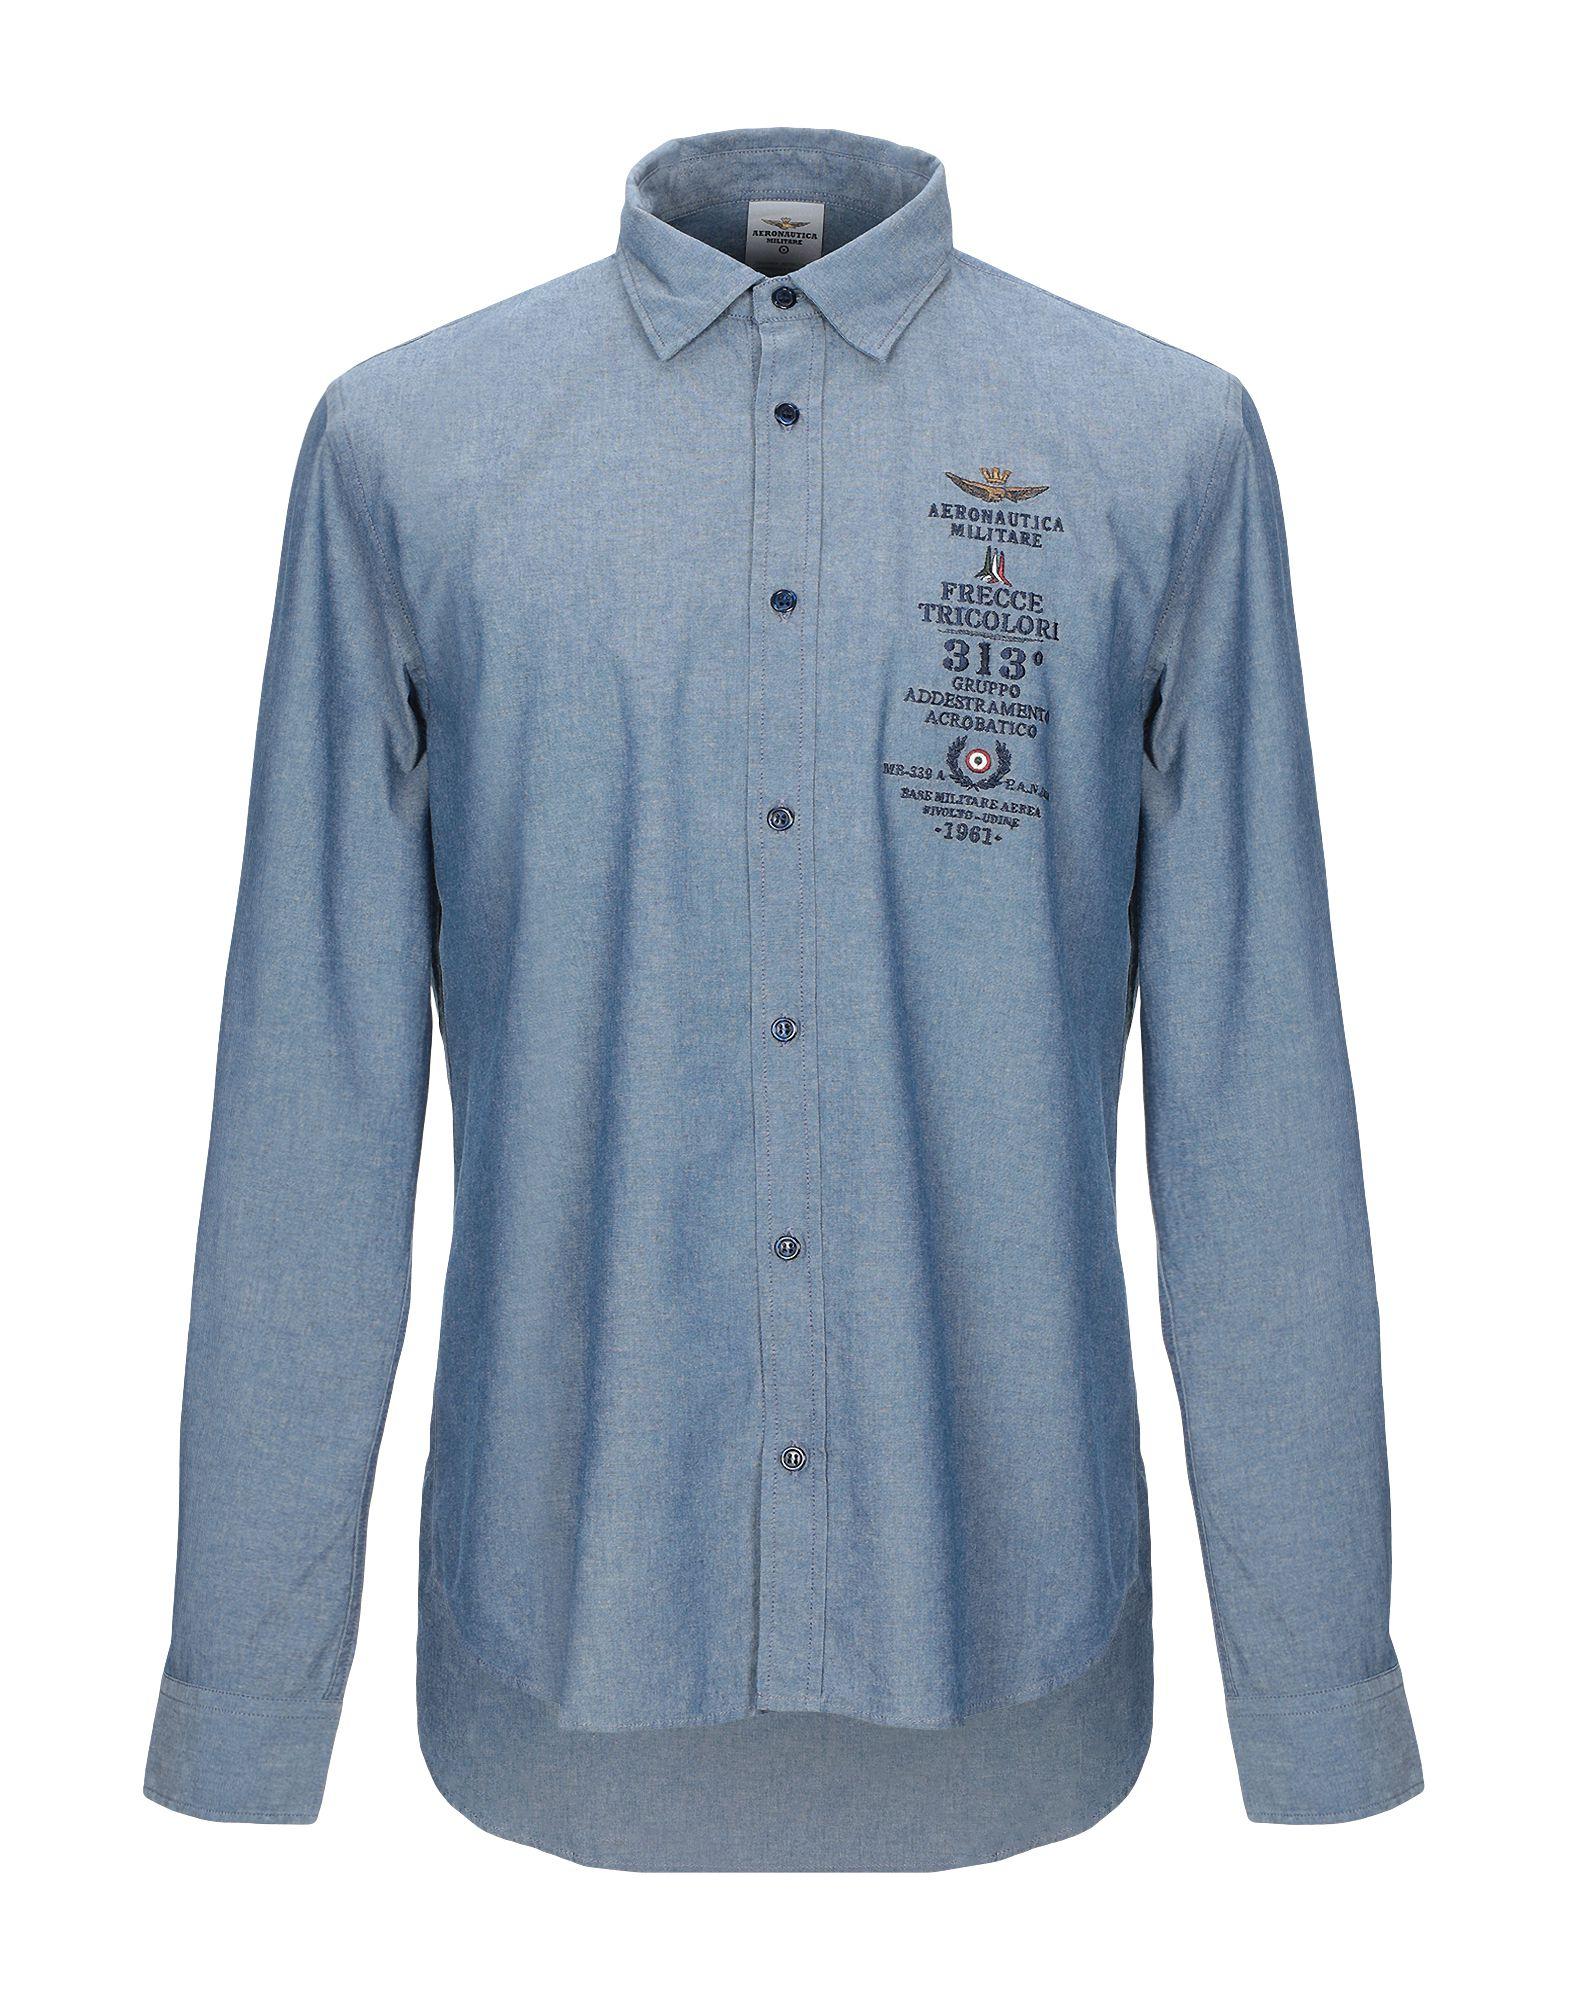 AERONAUTICA MILITARE Джинсовая рубашка